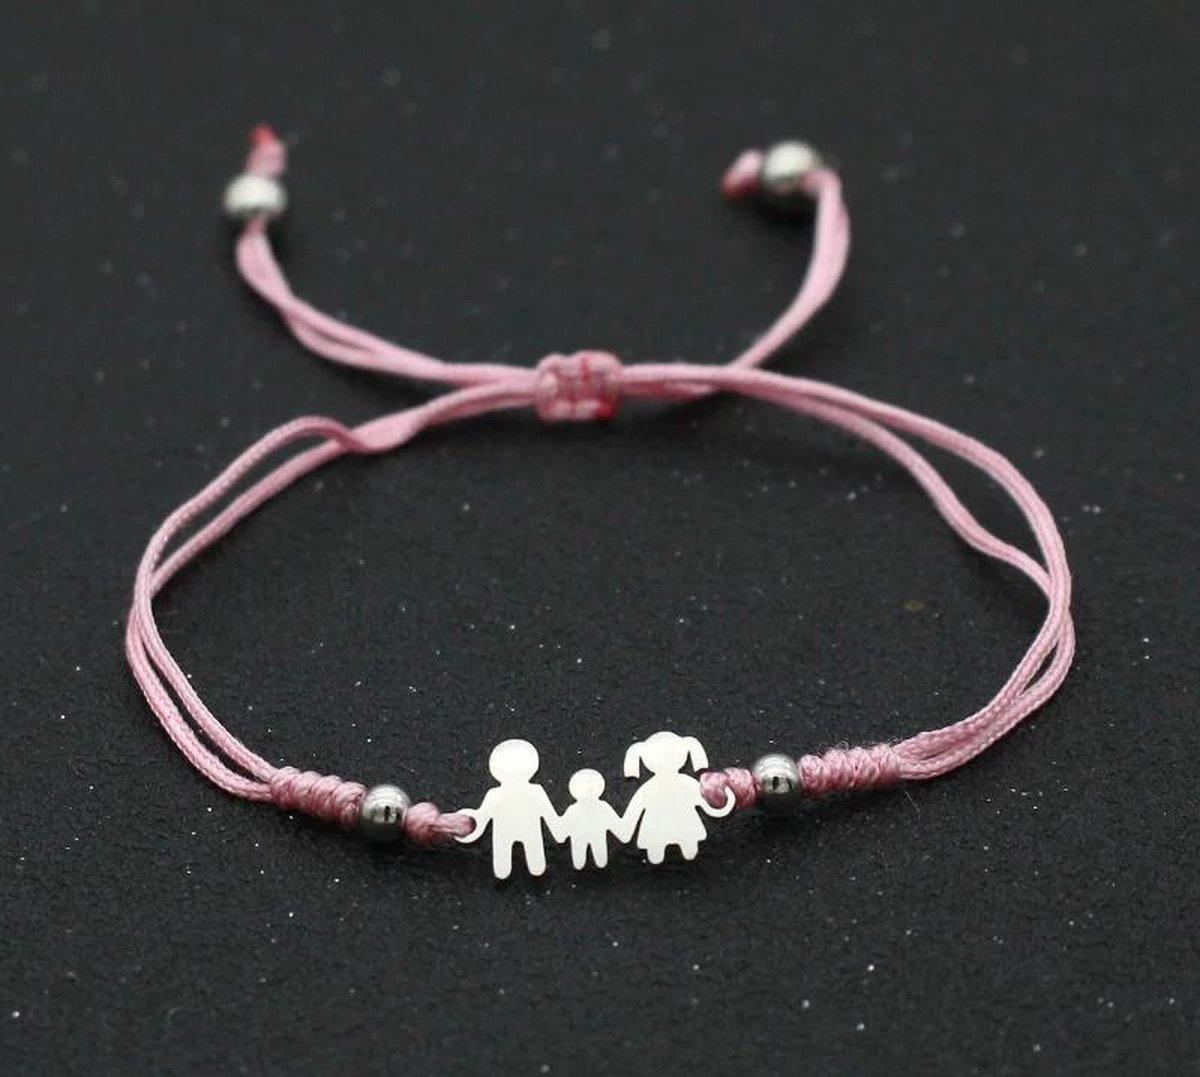 Armband - mama armband - roze  - dochter - moeder cadeau